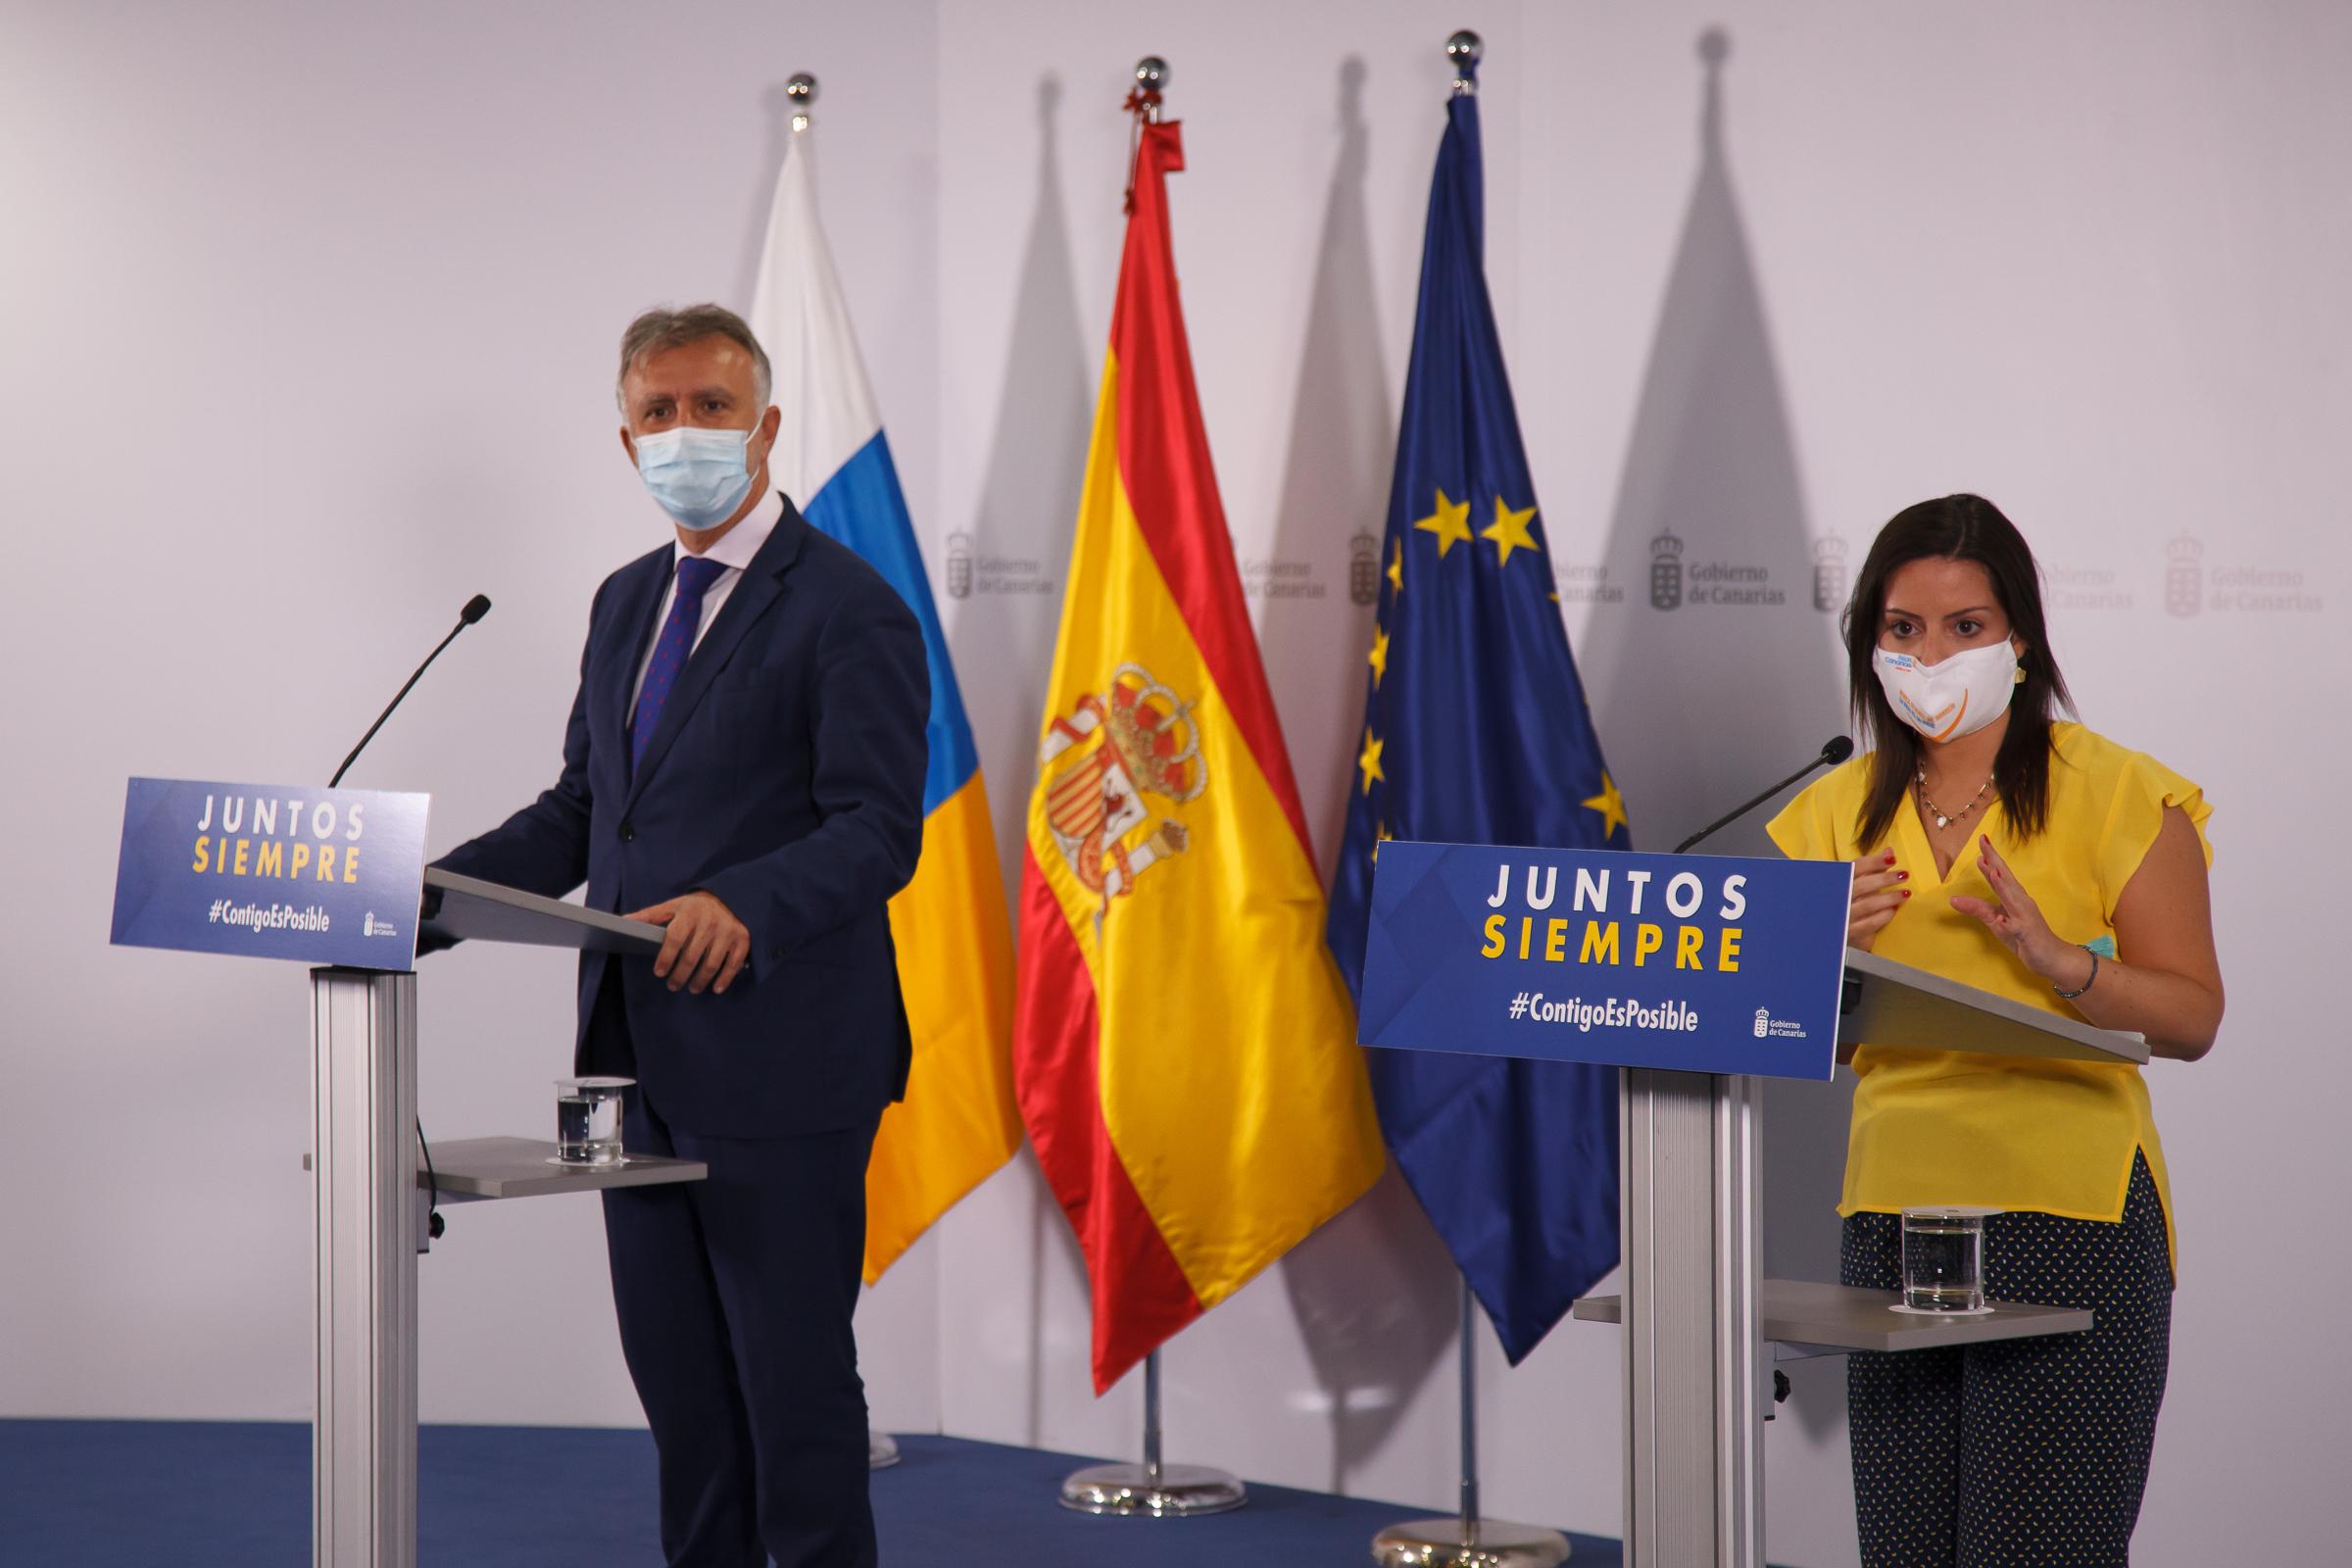 El Gobierno de Canarias acuerda con TUI avanzar en corredores seguros con el testeo selectivo a los turistas